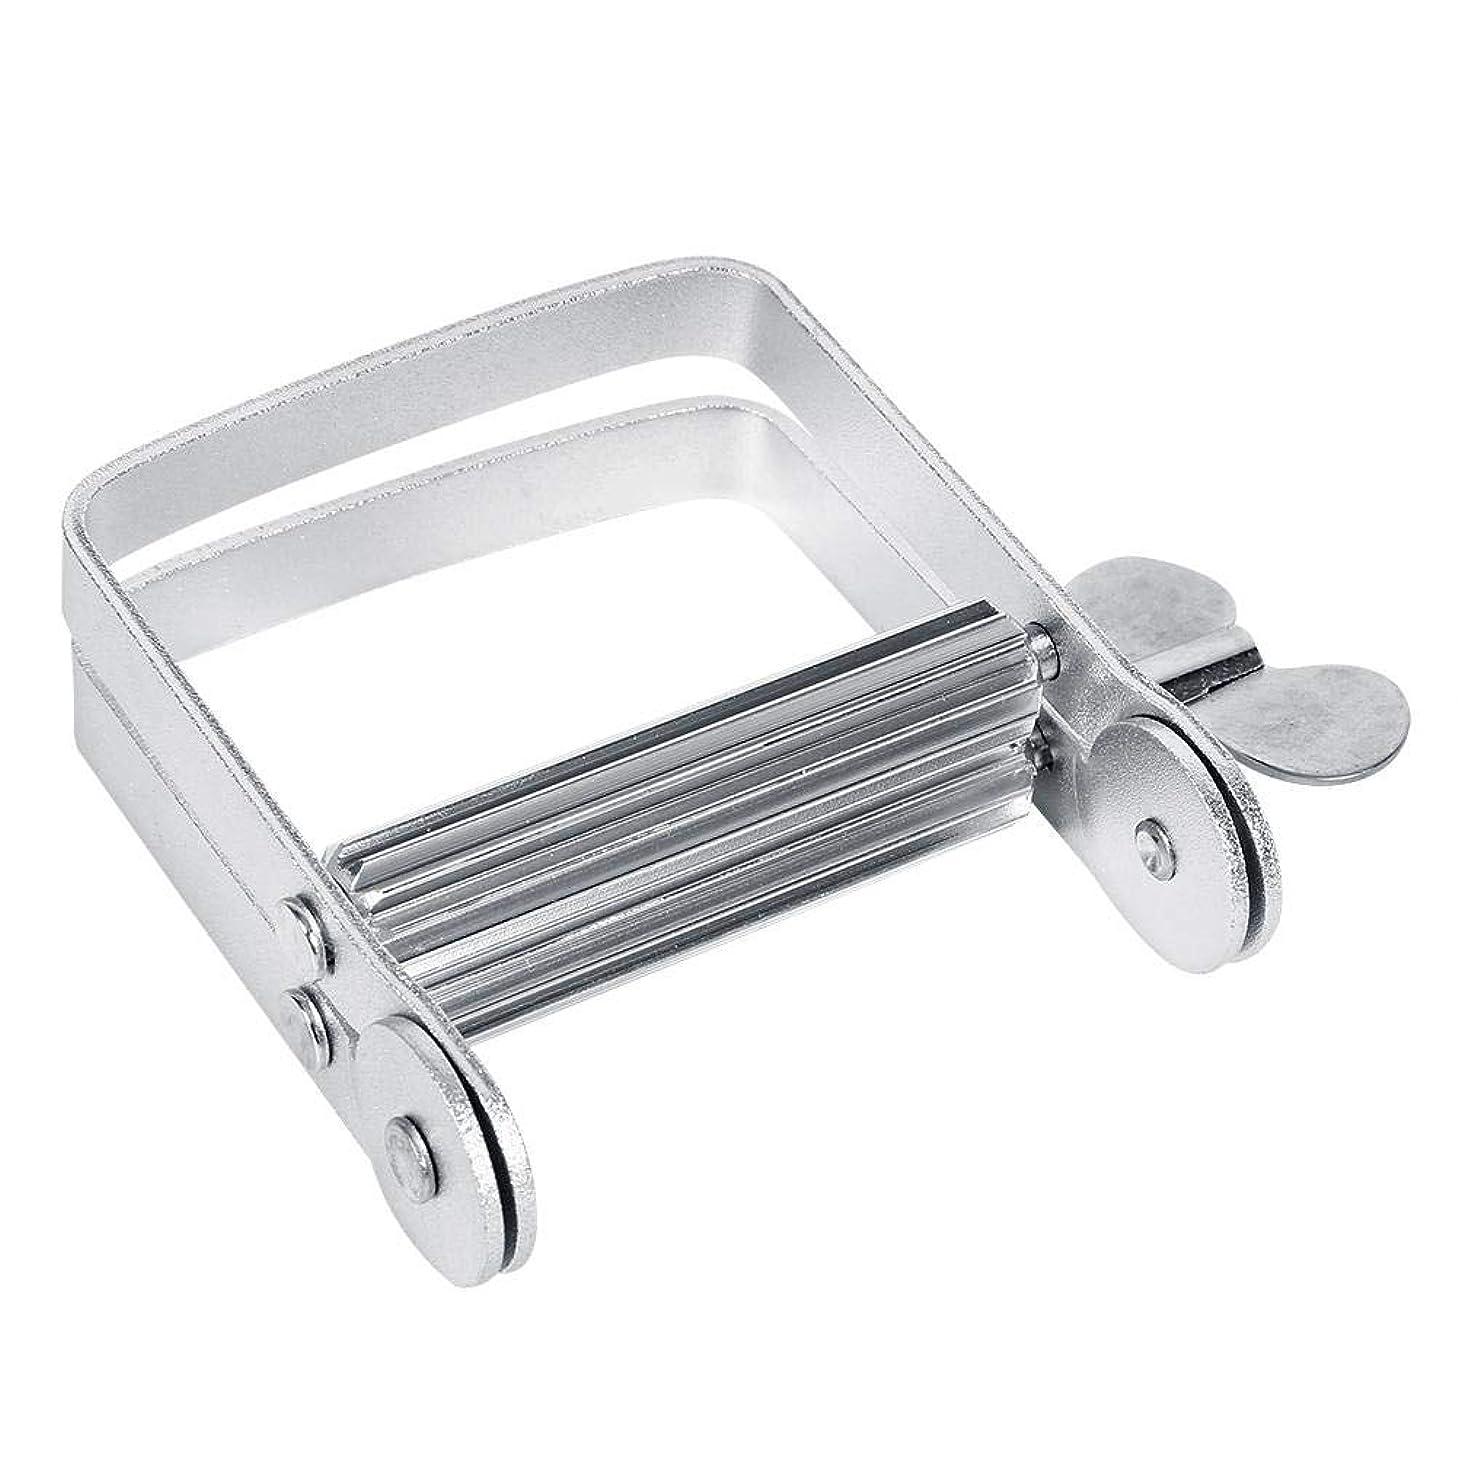 バーゲン私フランクワースリーチューブ絞り器 チューブリンガー 軟膏押出器 アルミ製 歯磨き粉 絵の具 接着剤 洗面道具 便利 人気 シルバー